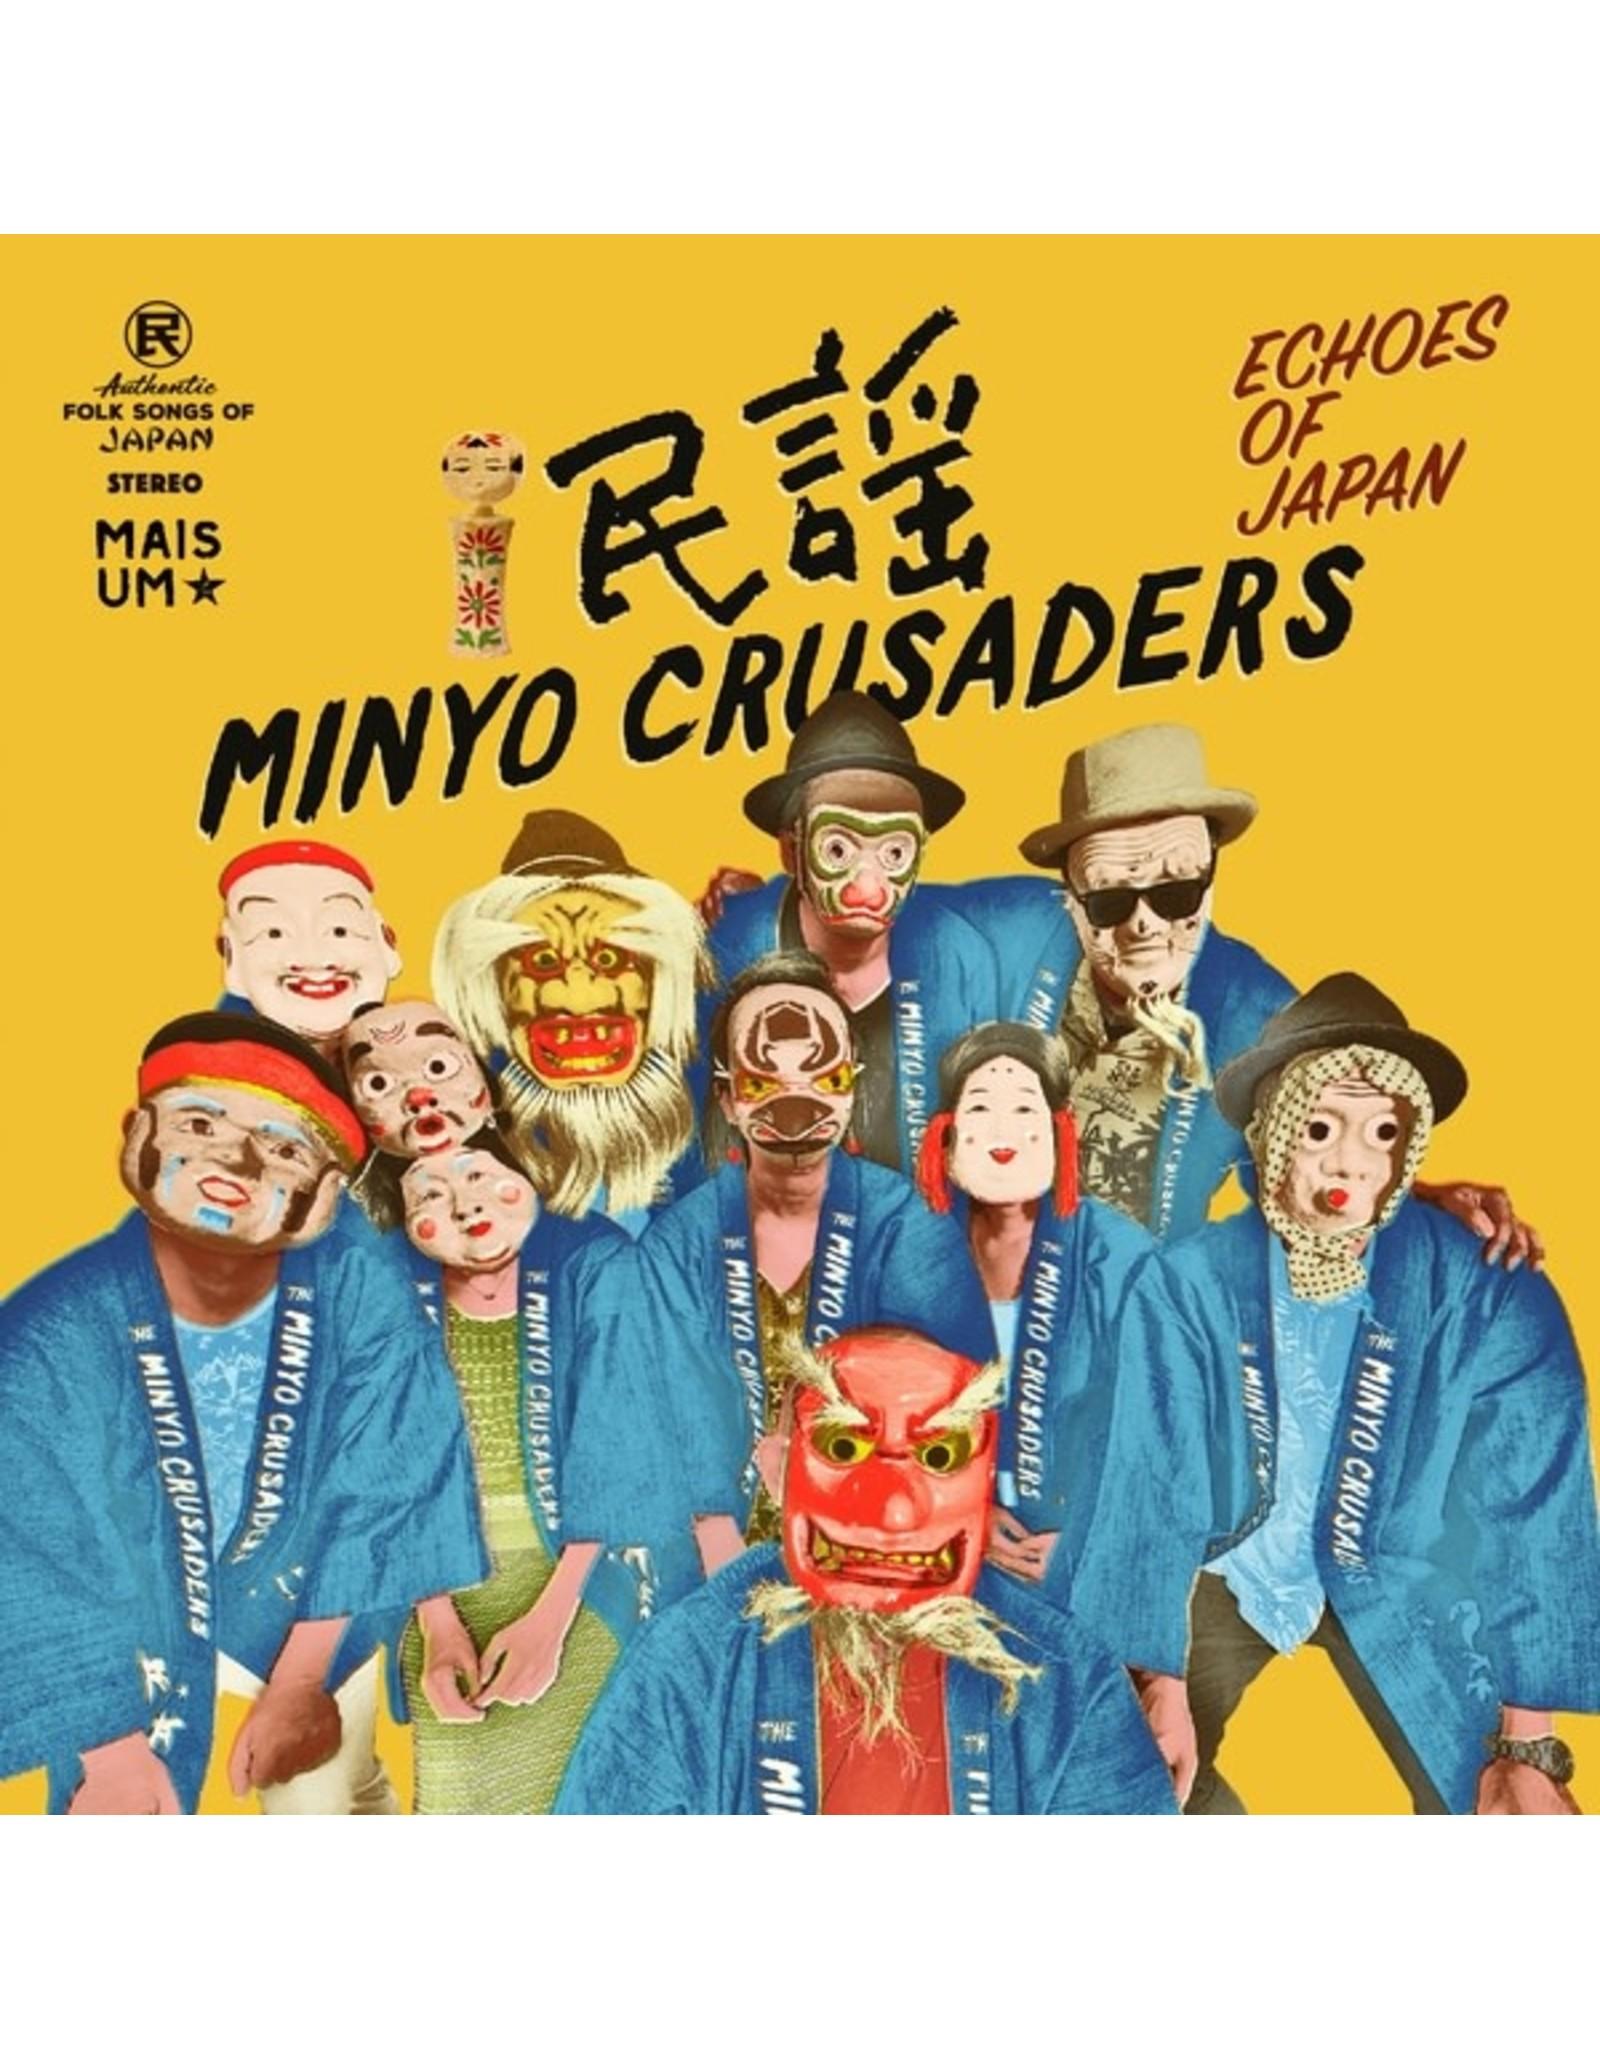 New Vinyl Minyo Crusaders - Echoes Of Japan 2LP